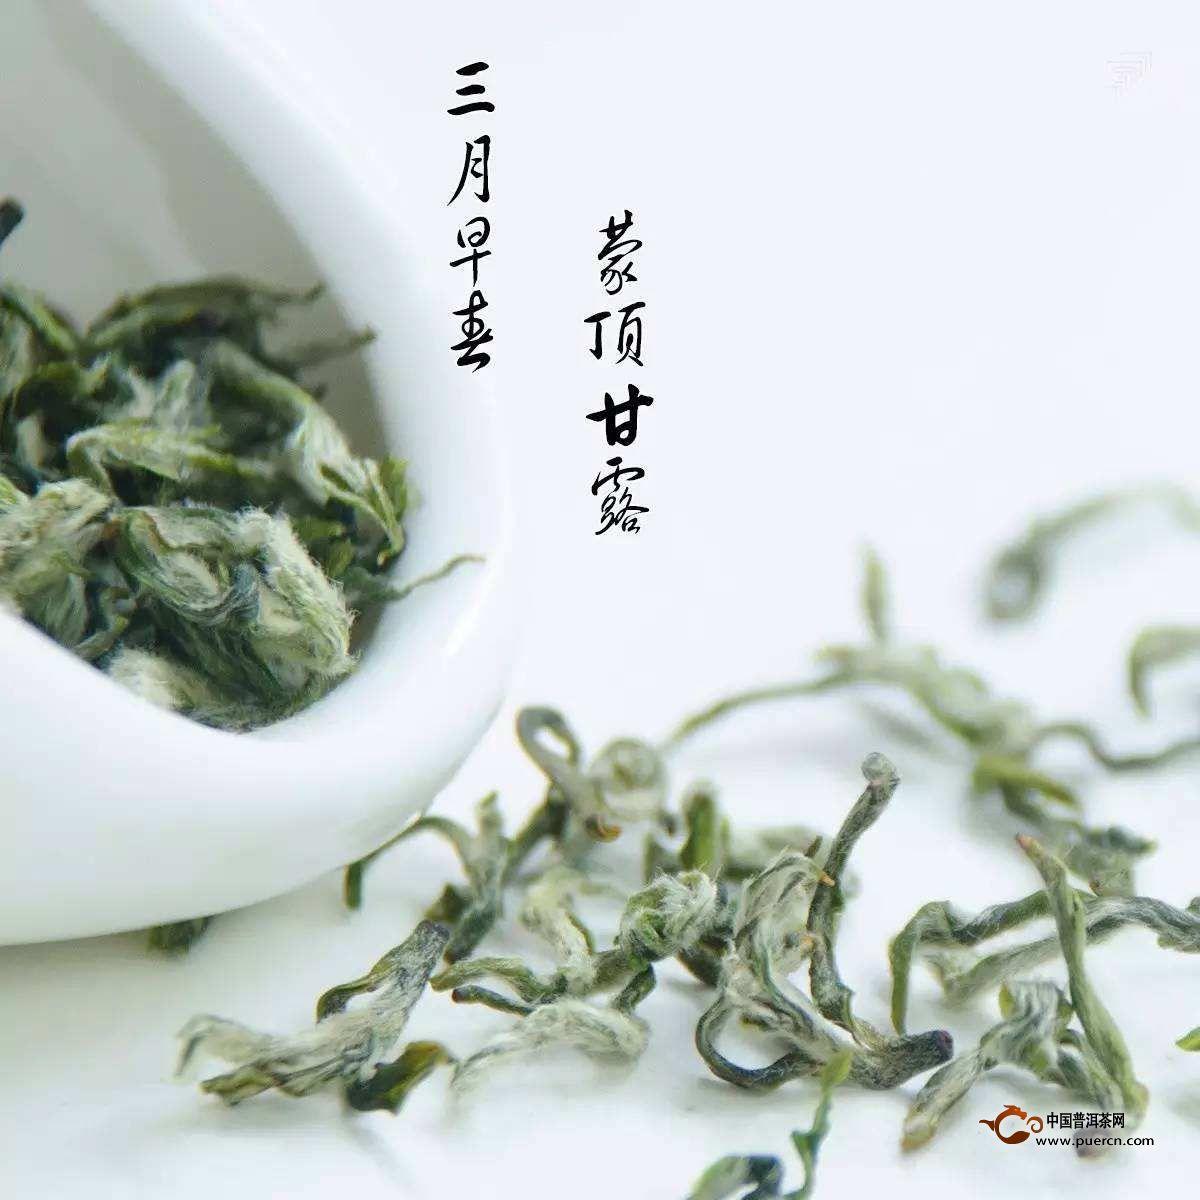 蒙顶茶有哪些品种